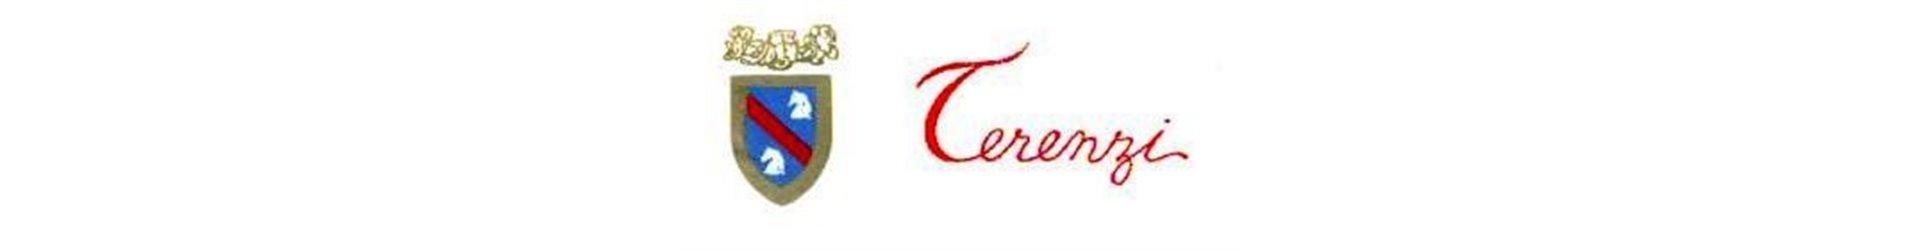 Terenzi Giovanni